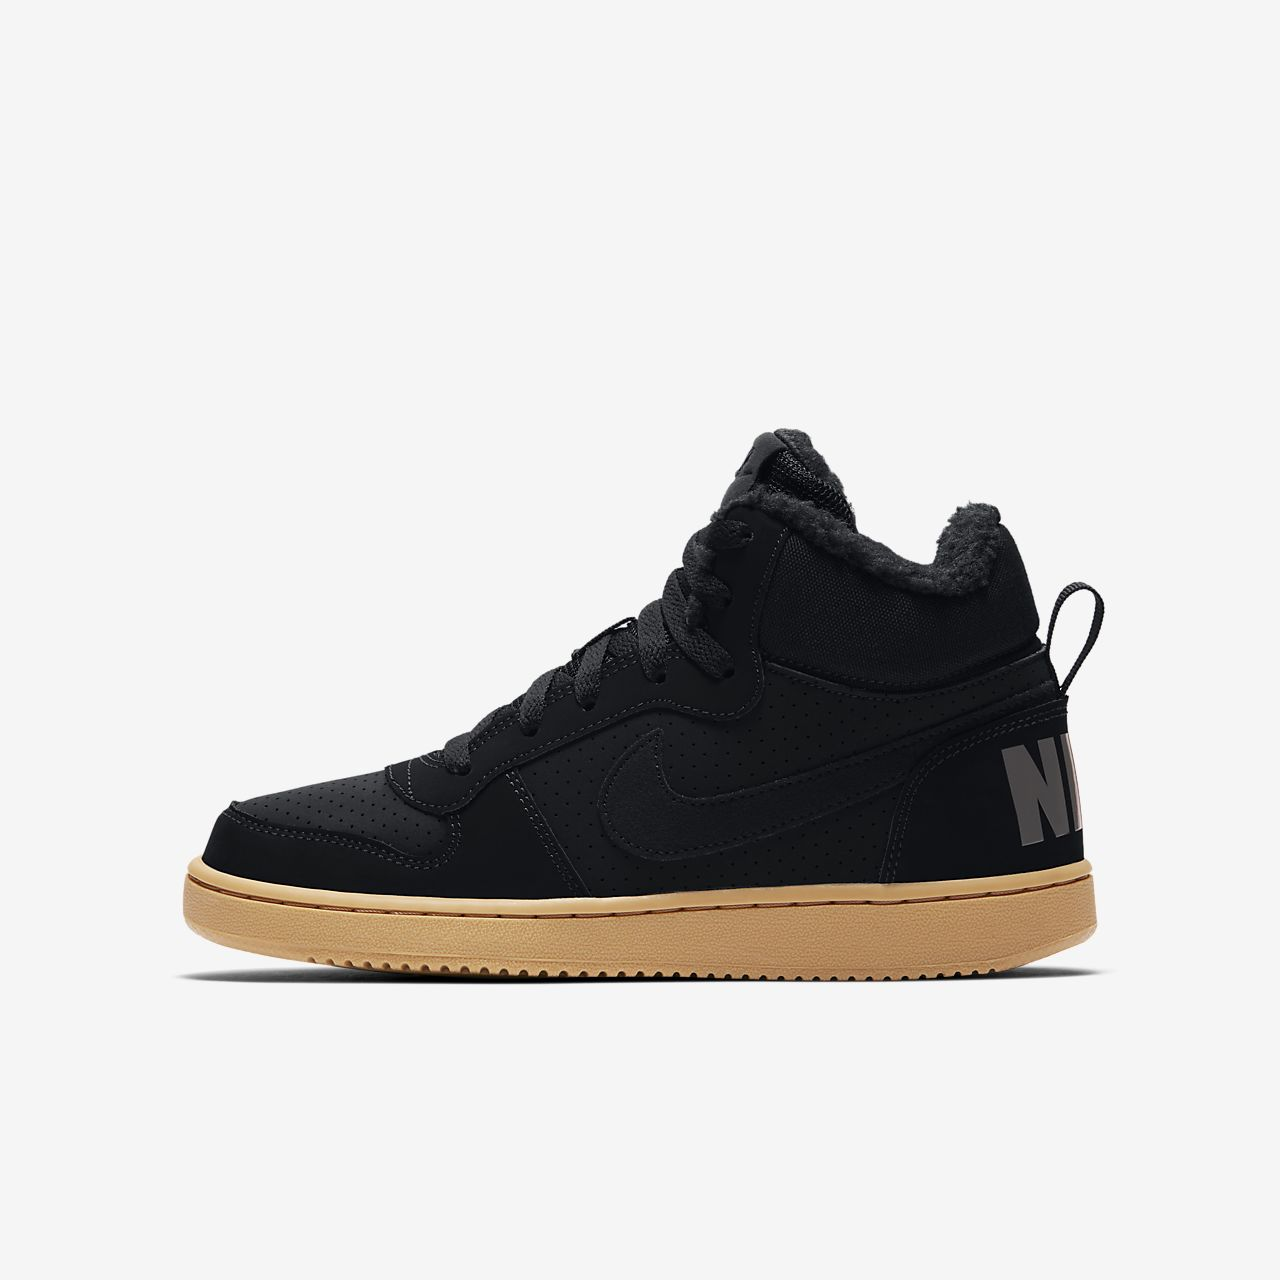 wholesale dealer 255af 07bc1 ... Nike Court Borough Mid Winter-sko til store børn